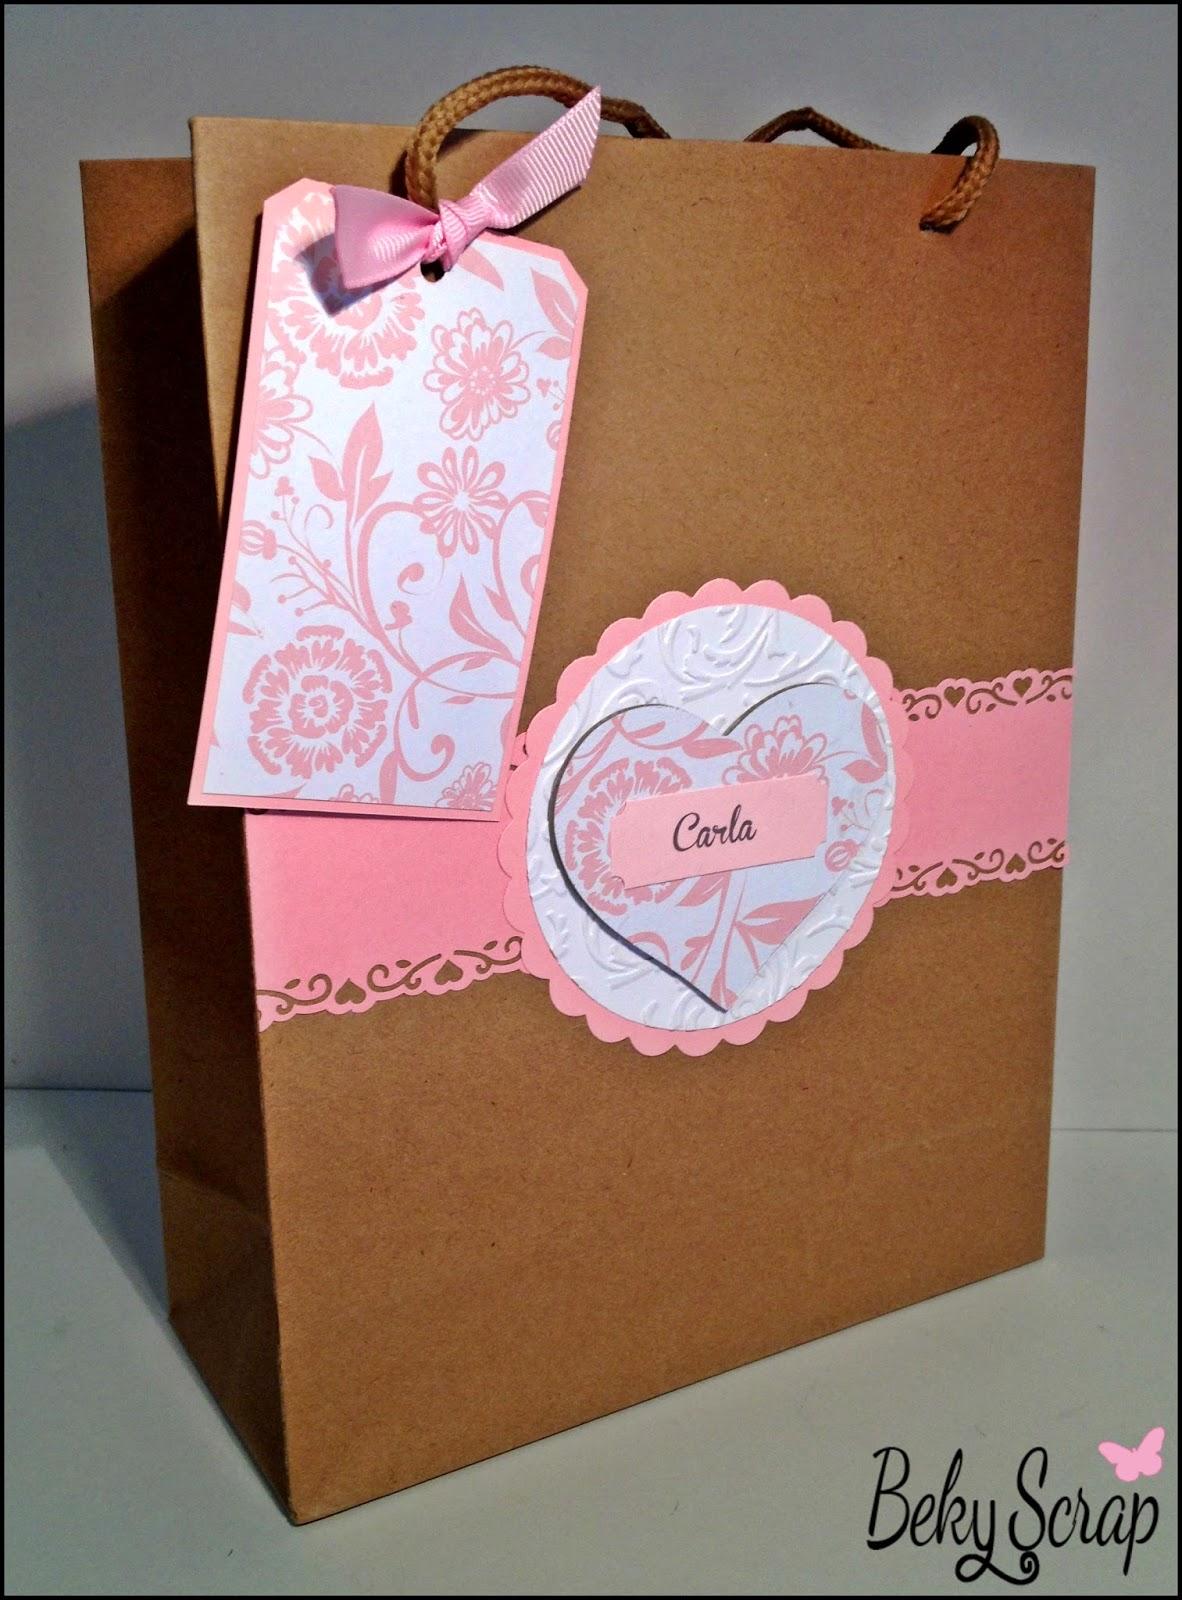 Beky scrap conjunto reci n nacido para sesi n de fotos de - Bolsas de regalo personalizadas ...